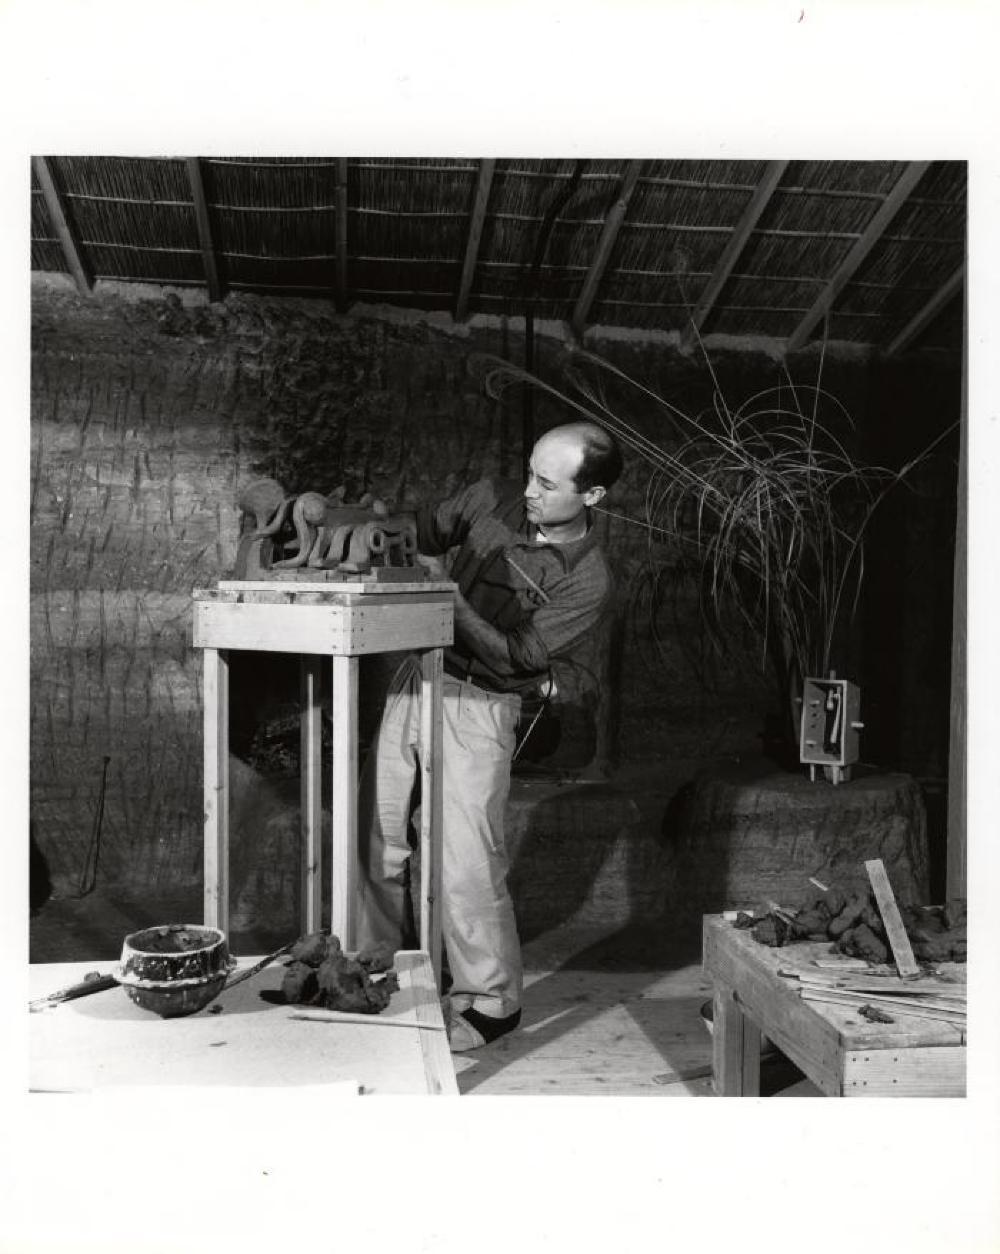 Isamu Noguchi working on ceramics at Kamakura Studio